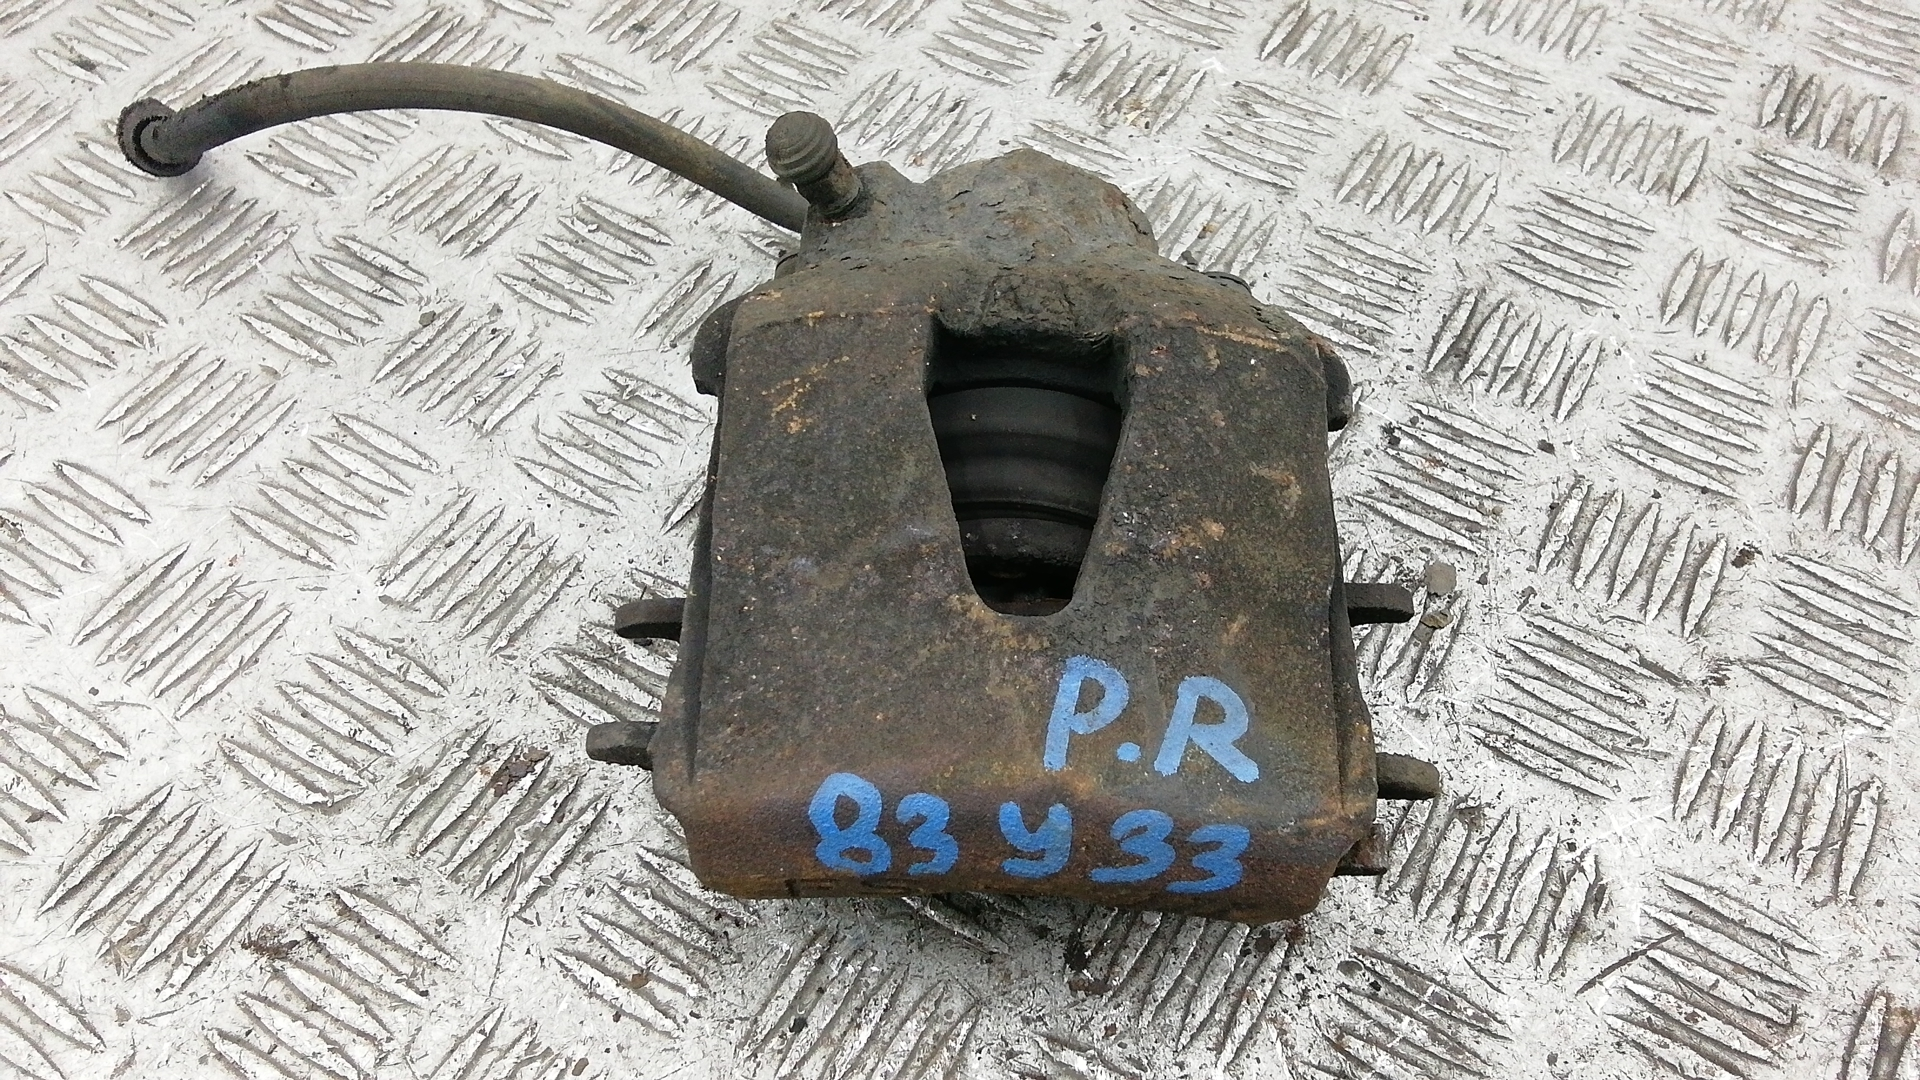 Суппорт тормозной передний правый, VOLKSWAGEN, GOLF 5, 2006